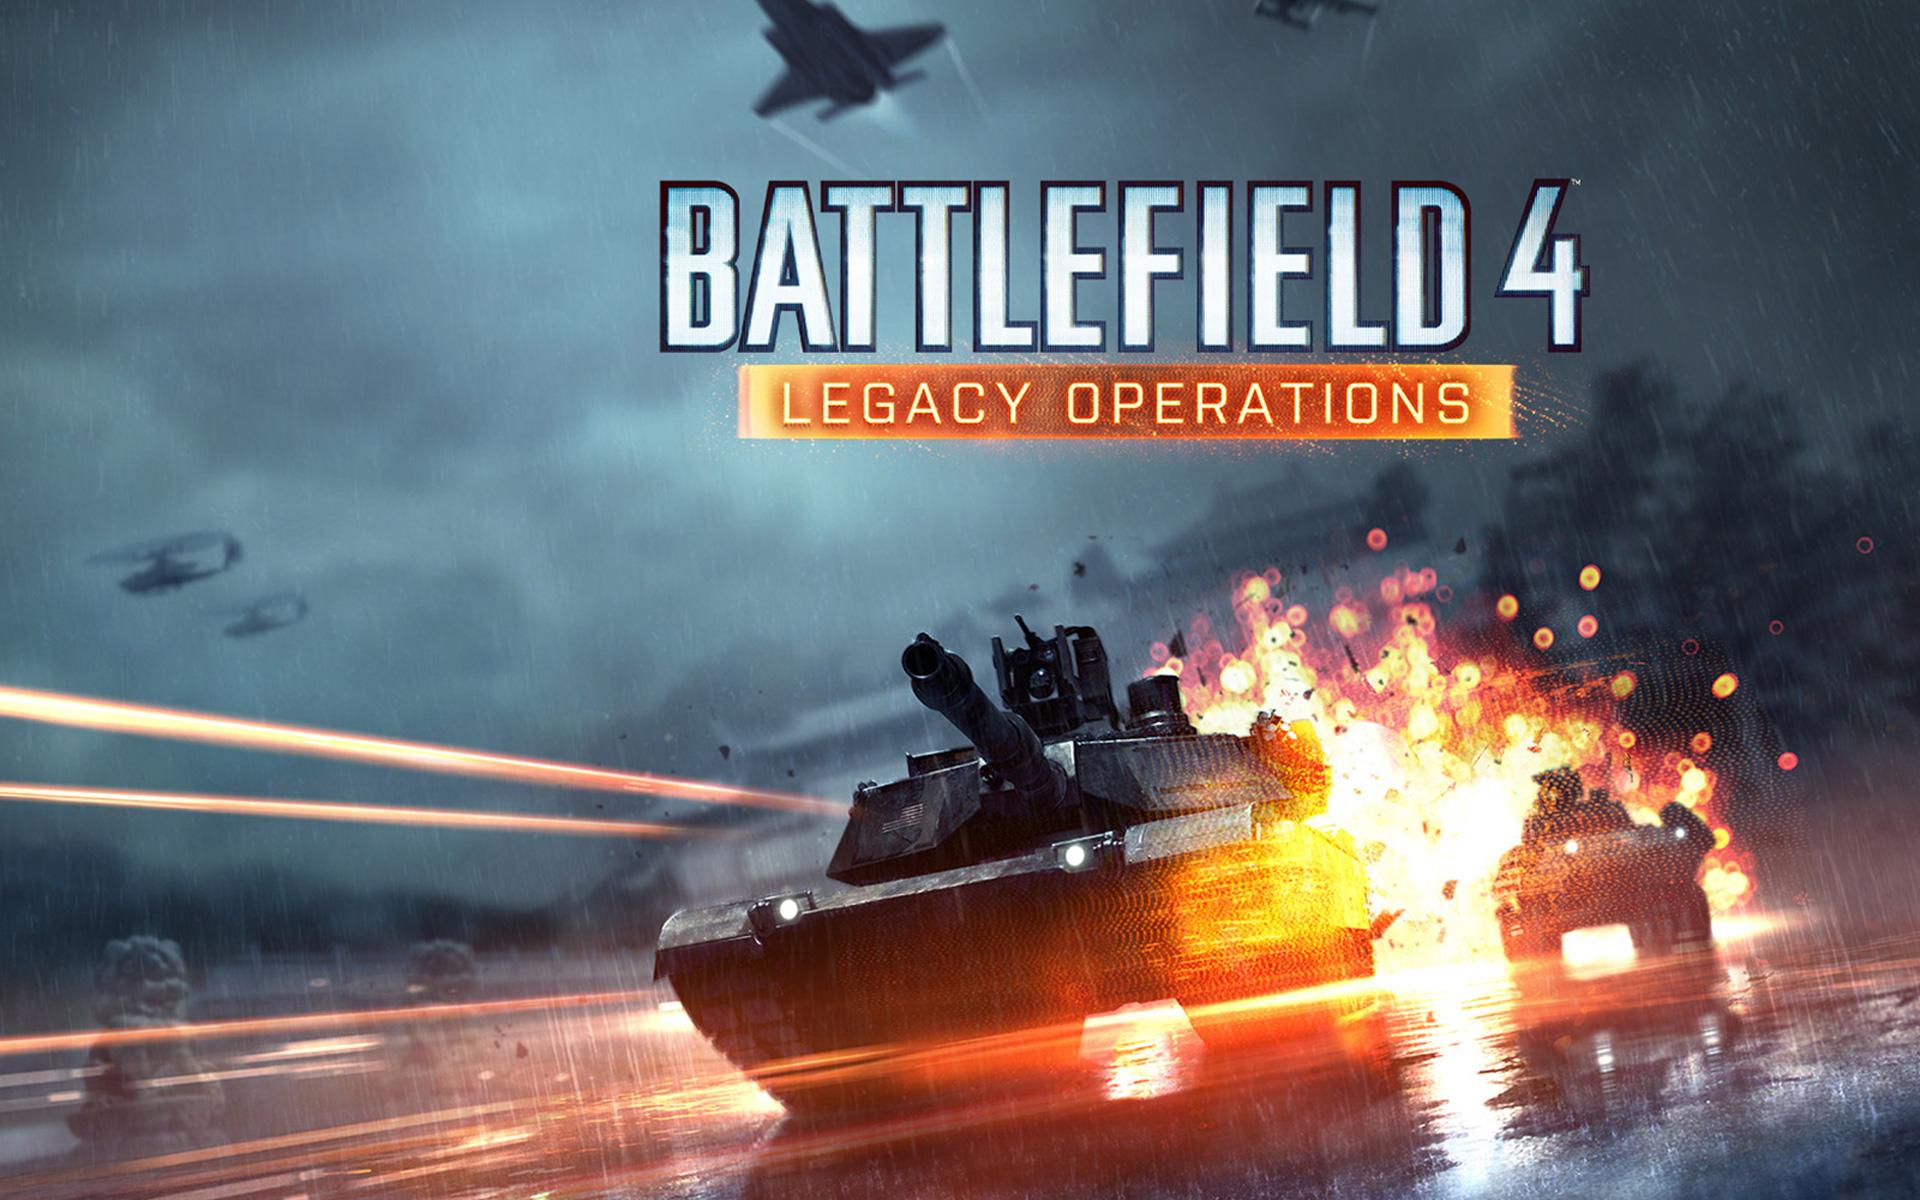 Free Battlefield 4 Wallpaper in 1920x1200